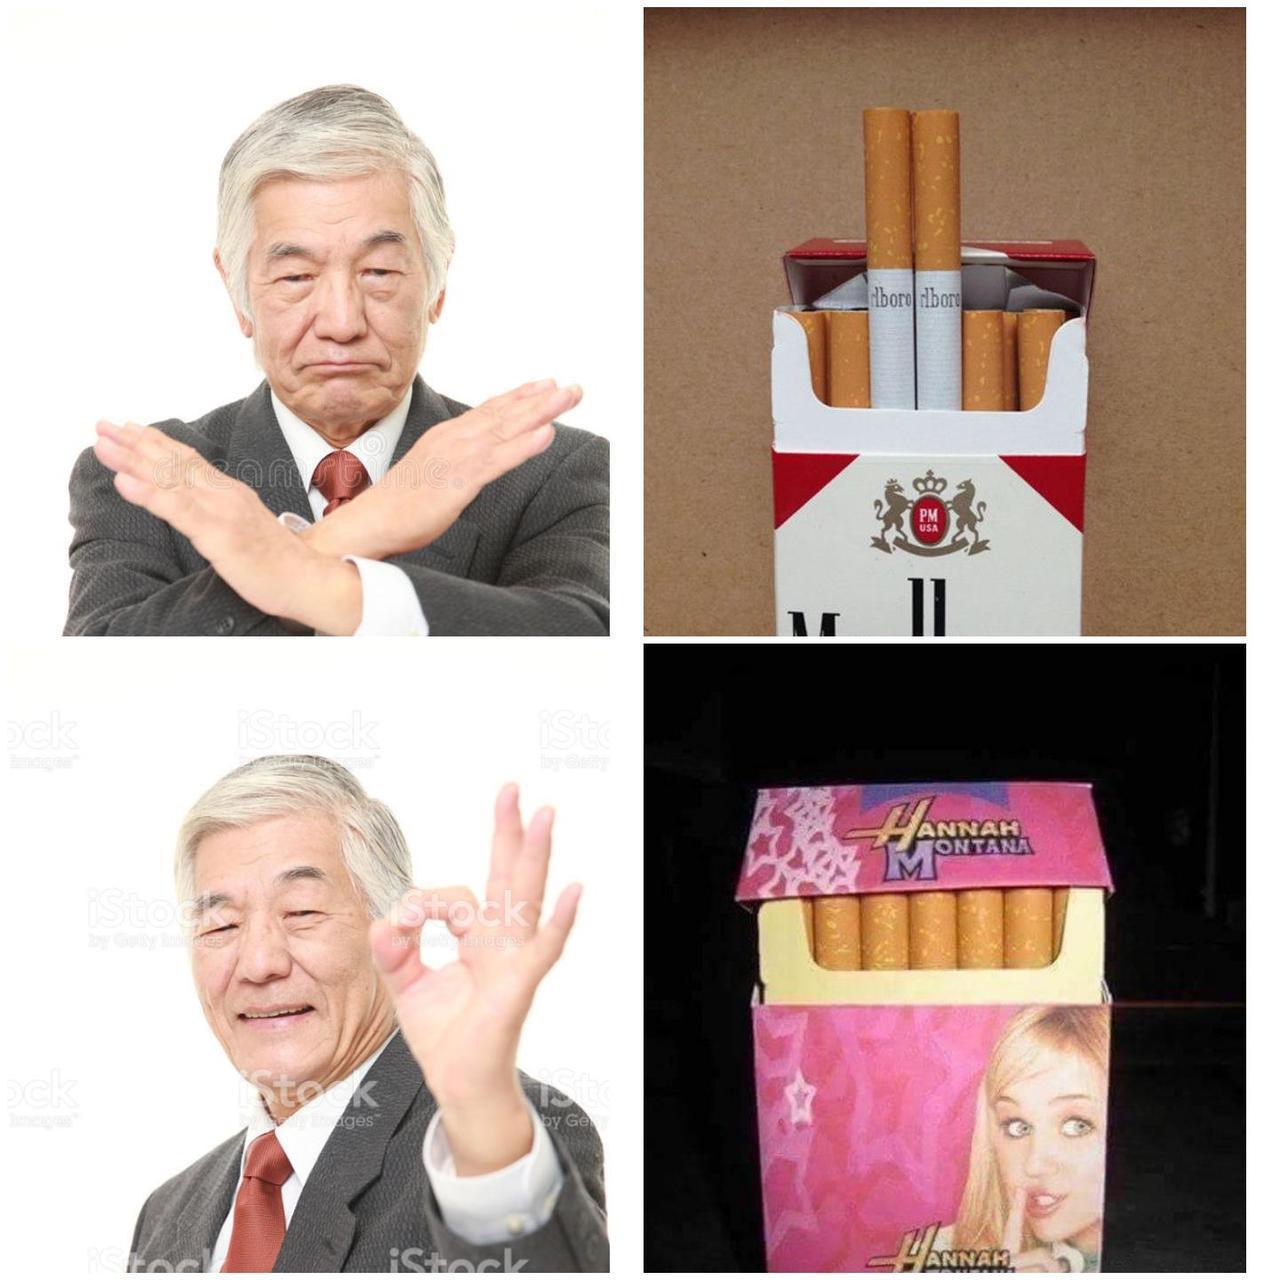 O titulo foi comprar cigarros - meme